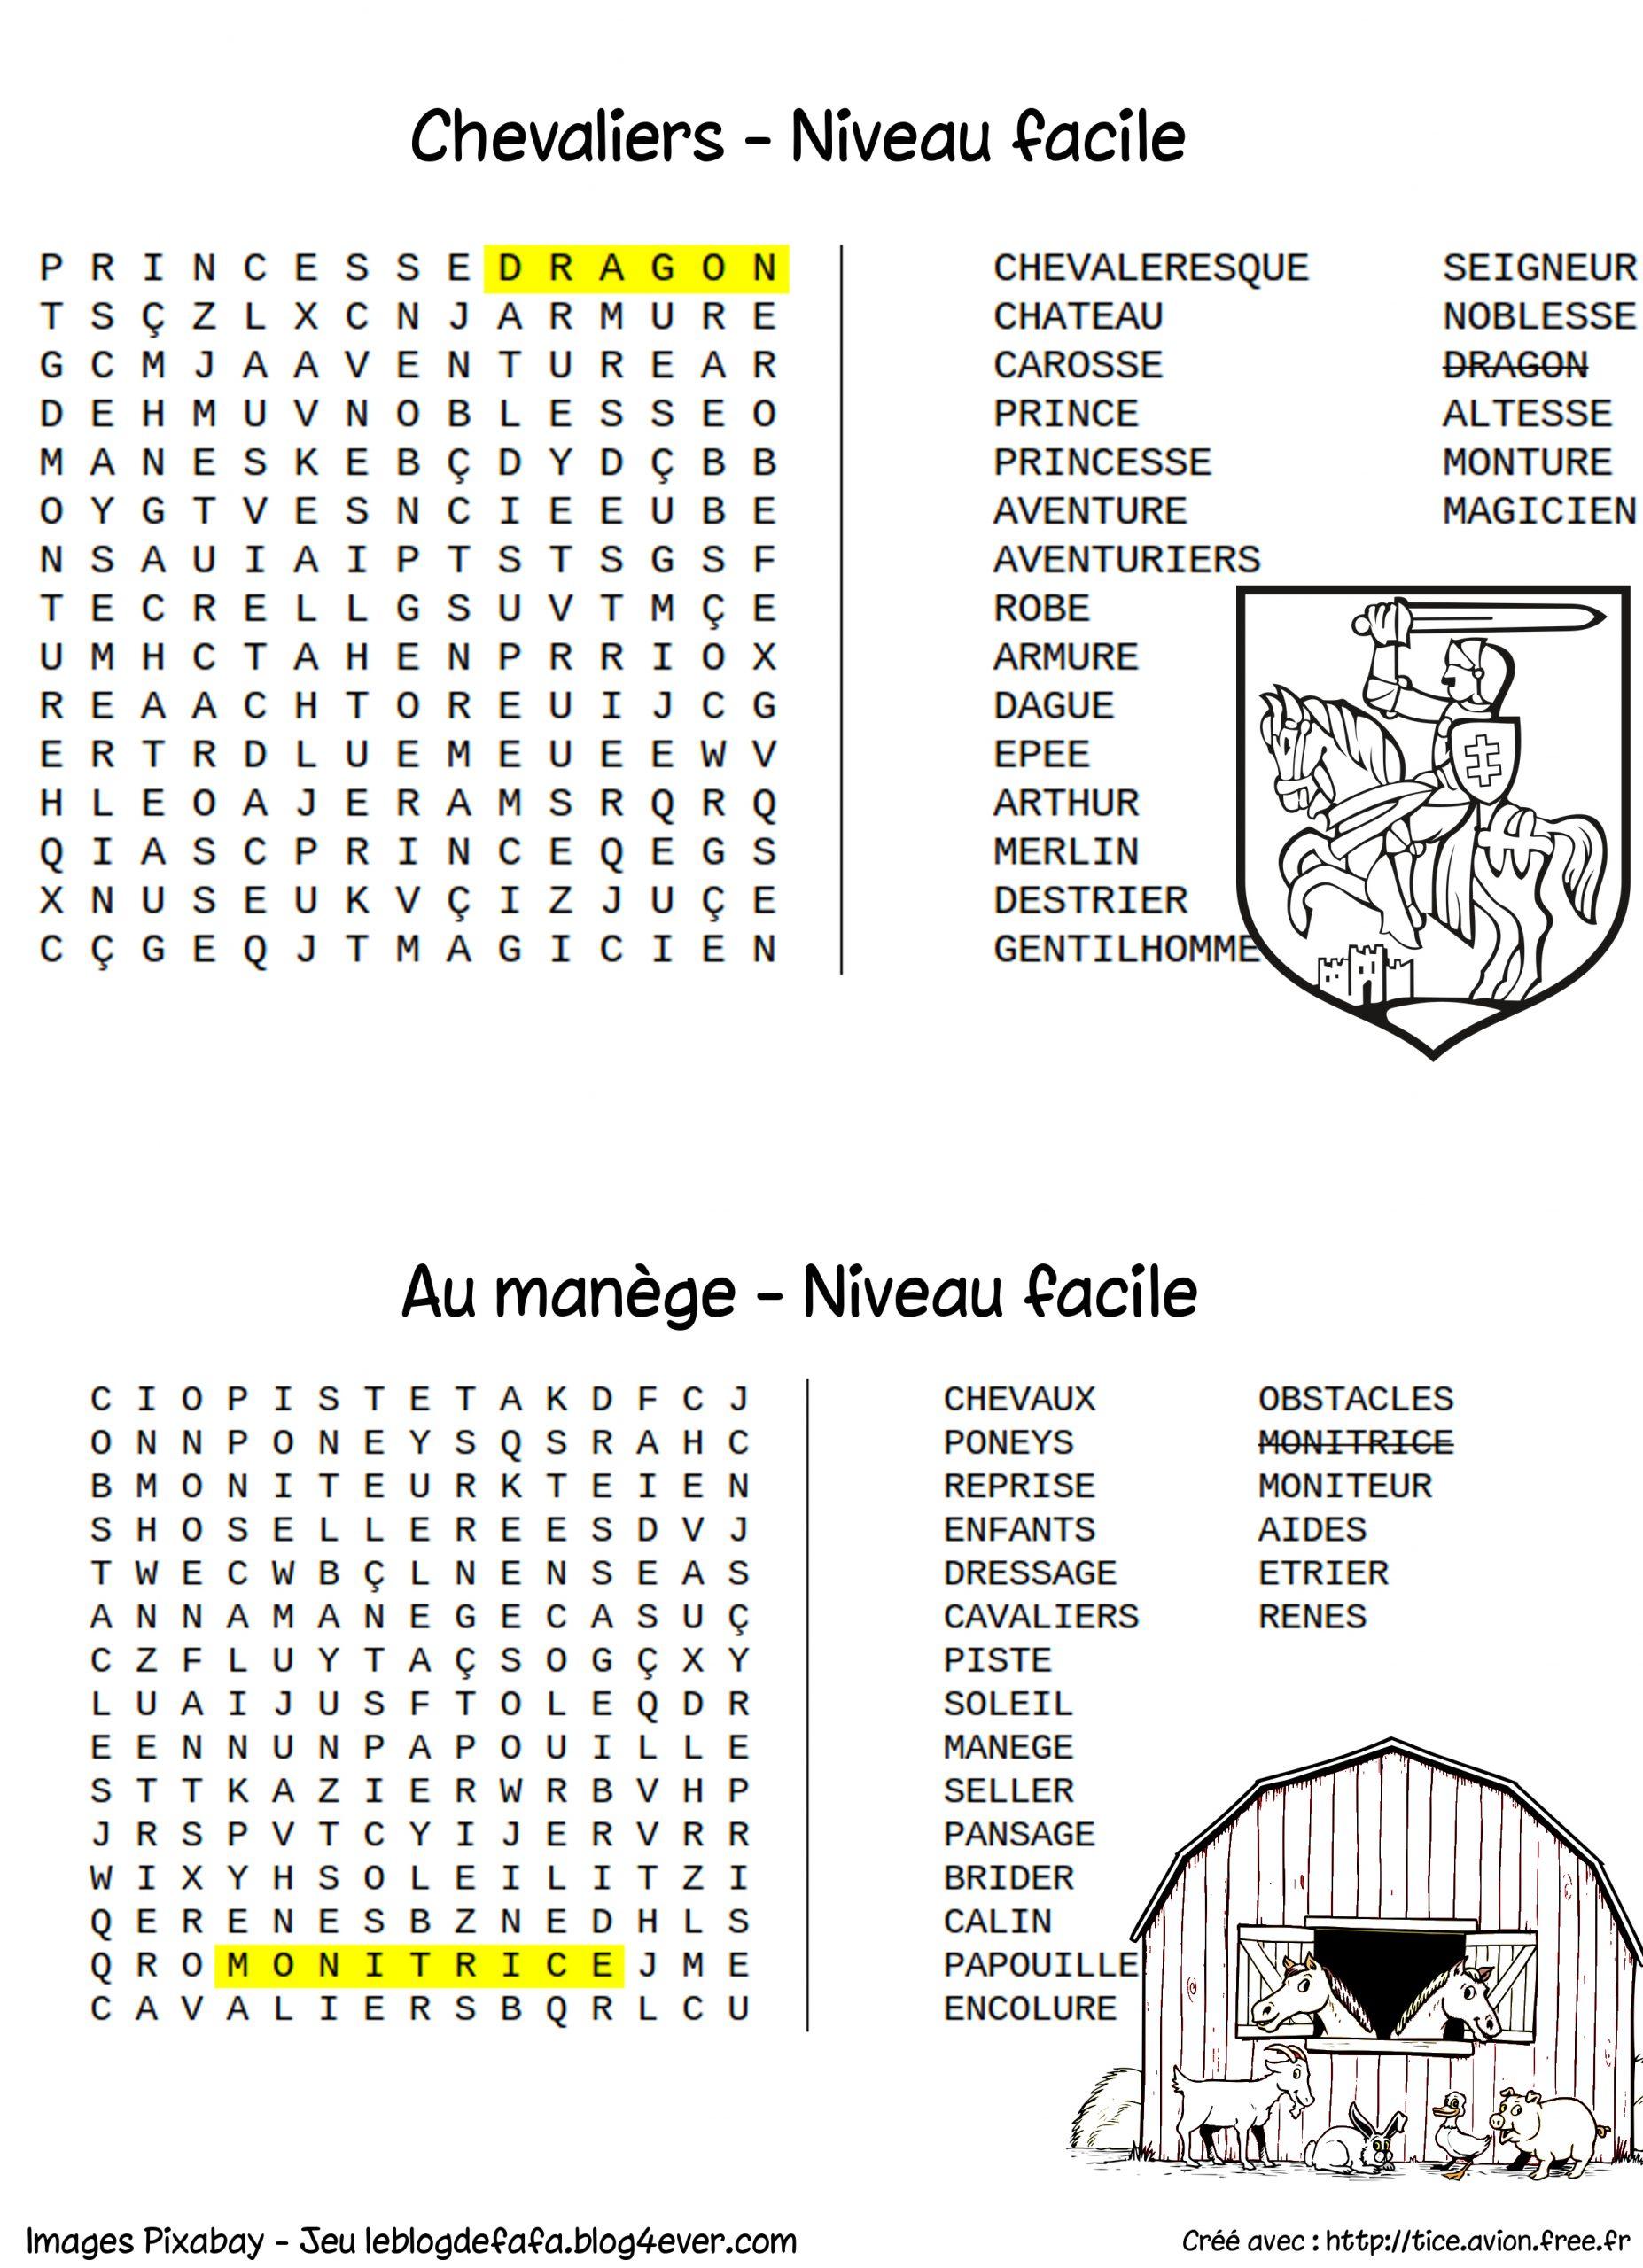 Mots Mêlés Gratuits À Imprimer Cheval Et Équitation (Nouveau pour Mots Croisés Gratuits À Imprimer